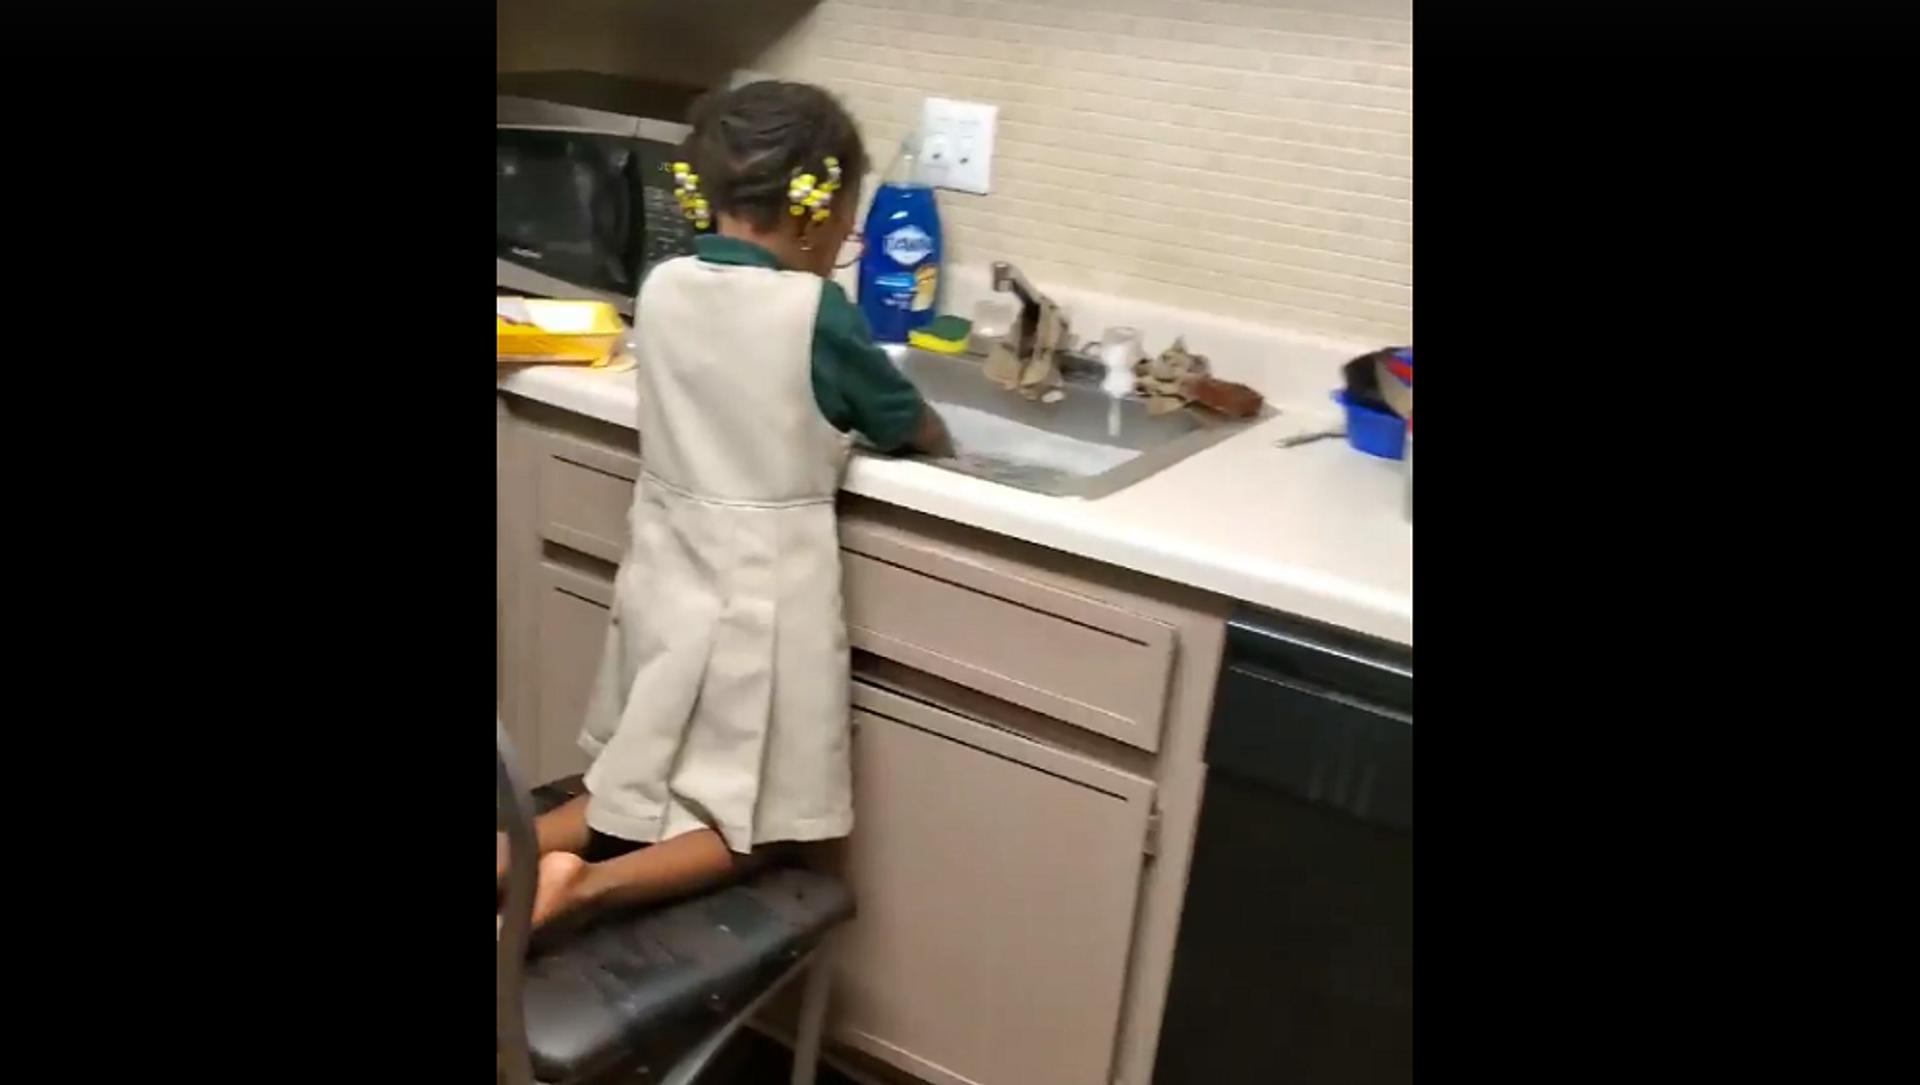 Мама попросила дочь помыть мясо курицы, но она поняла все неправильно – смешное видео - Sputnik Грузия, 1920, 23.07.2021